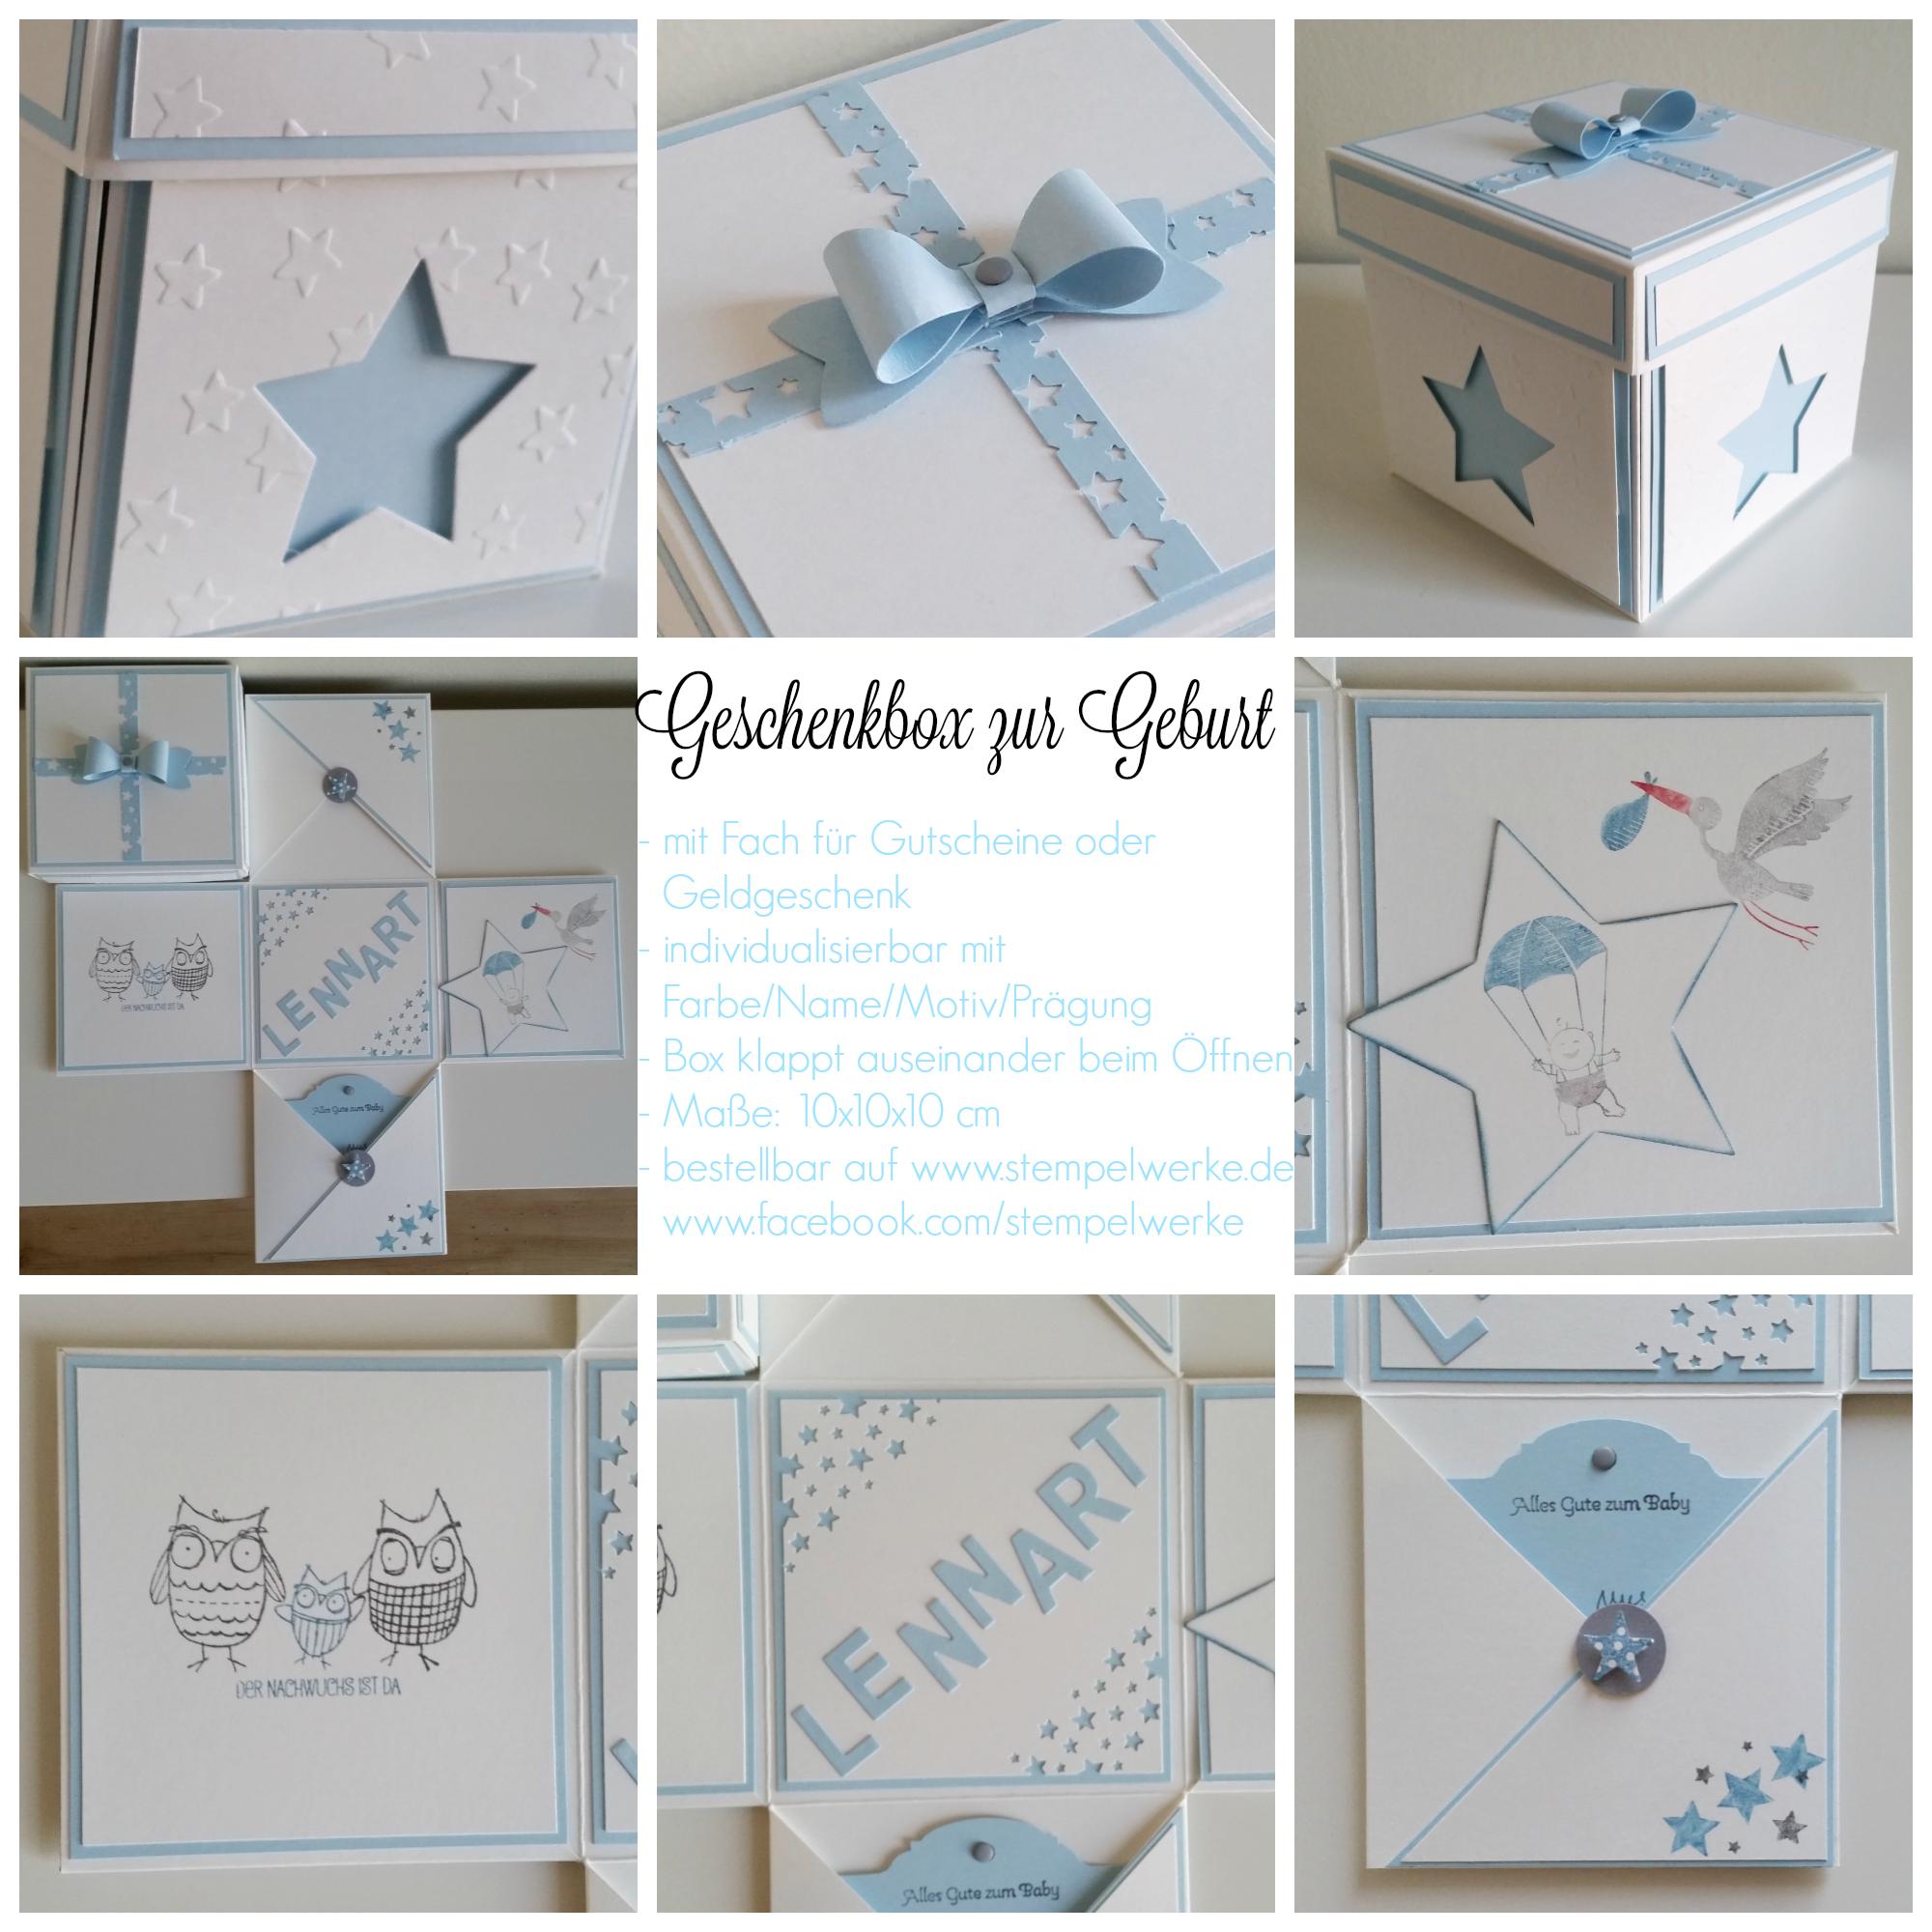 Geschenkbox zur Geburt